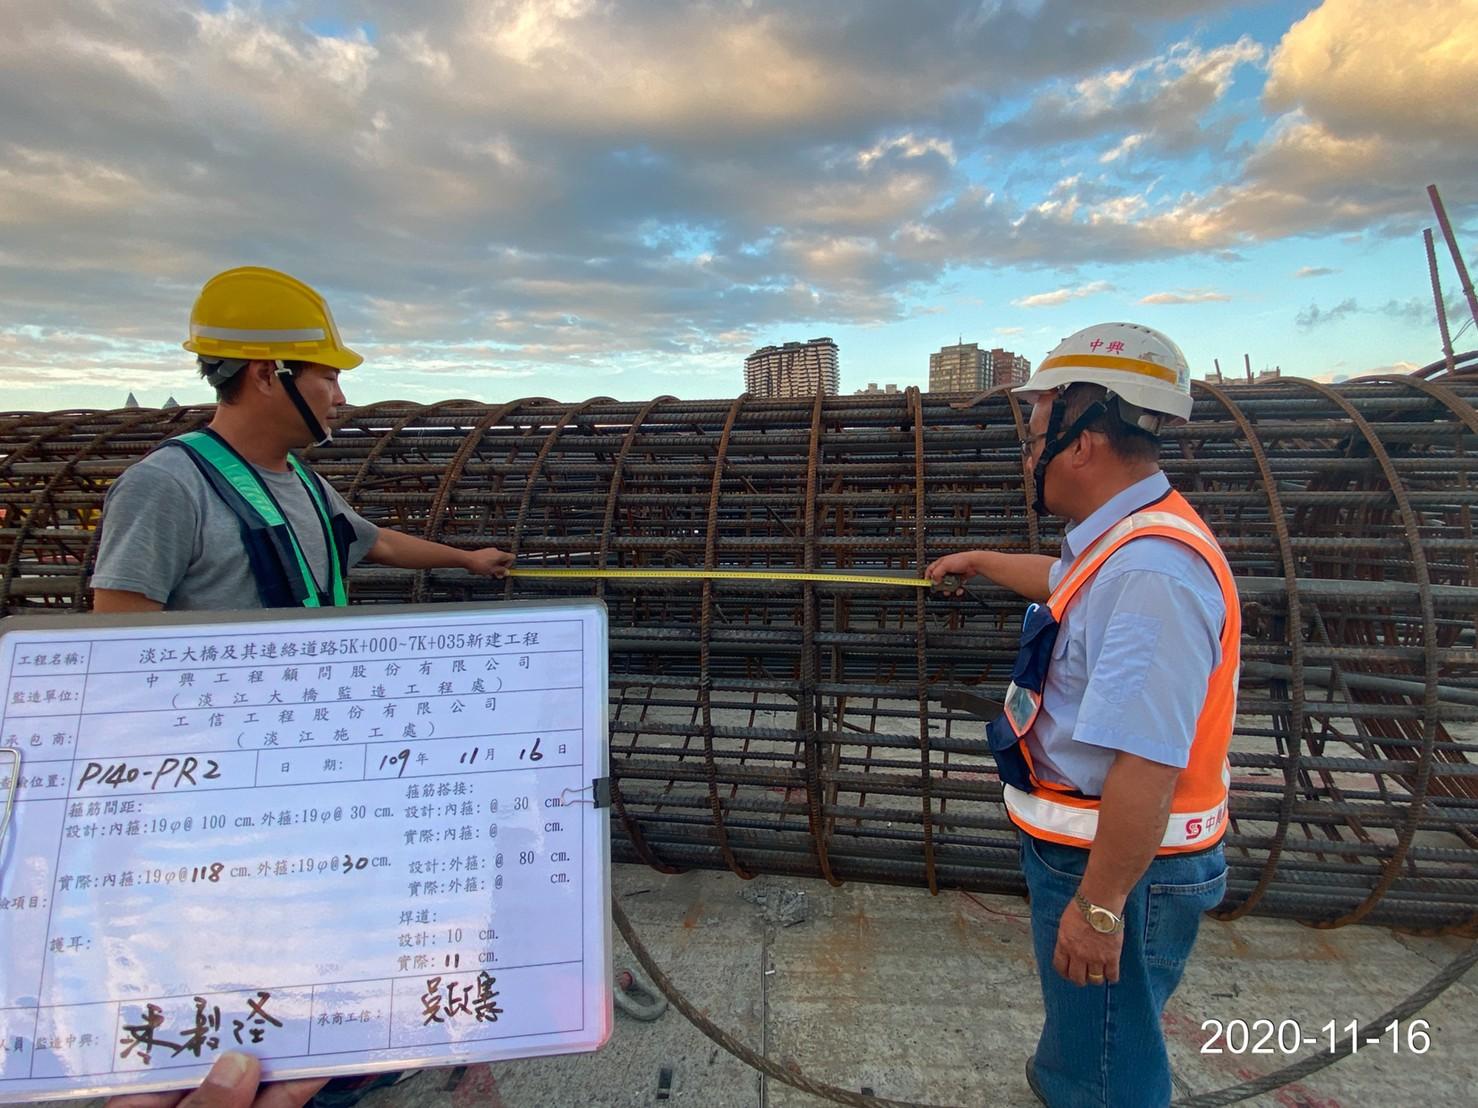 淡水端淡水端基樁鋼筋籠製作加工完成後查驗